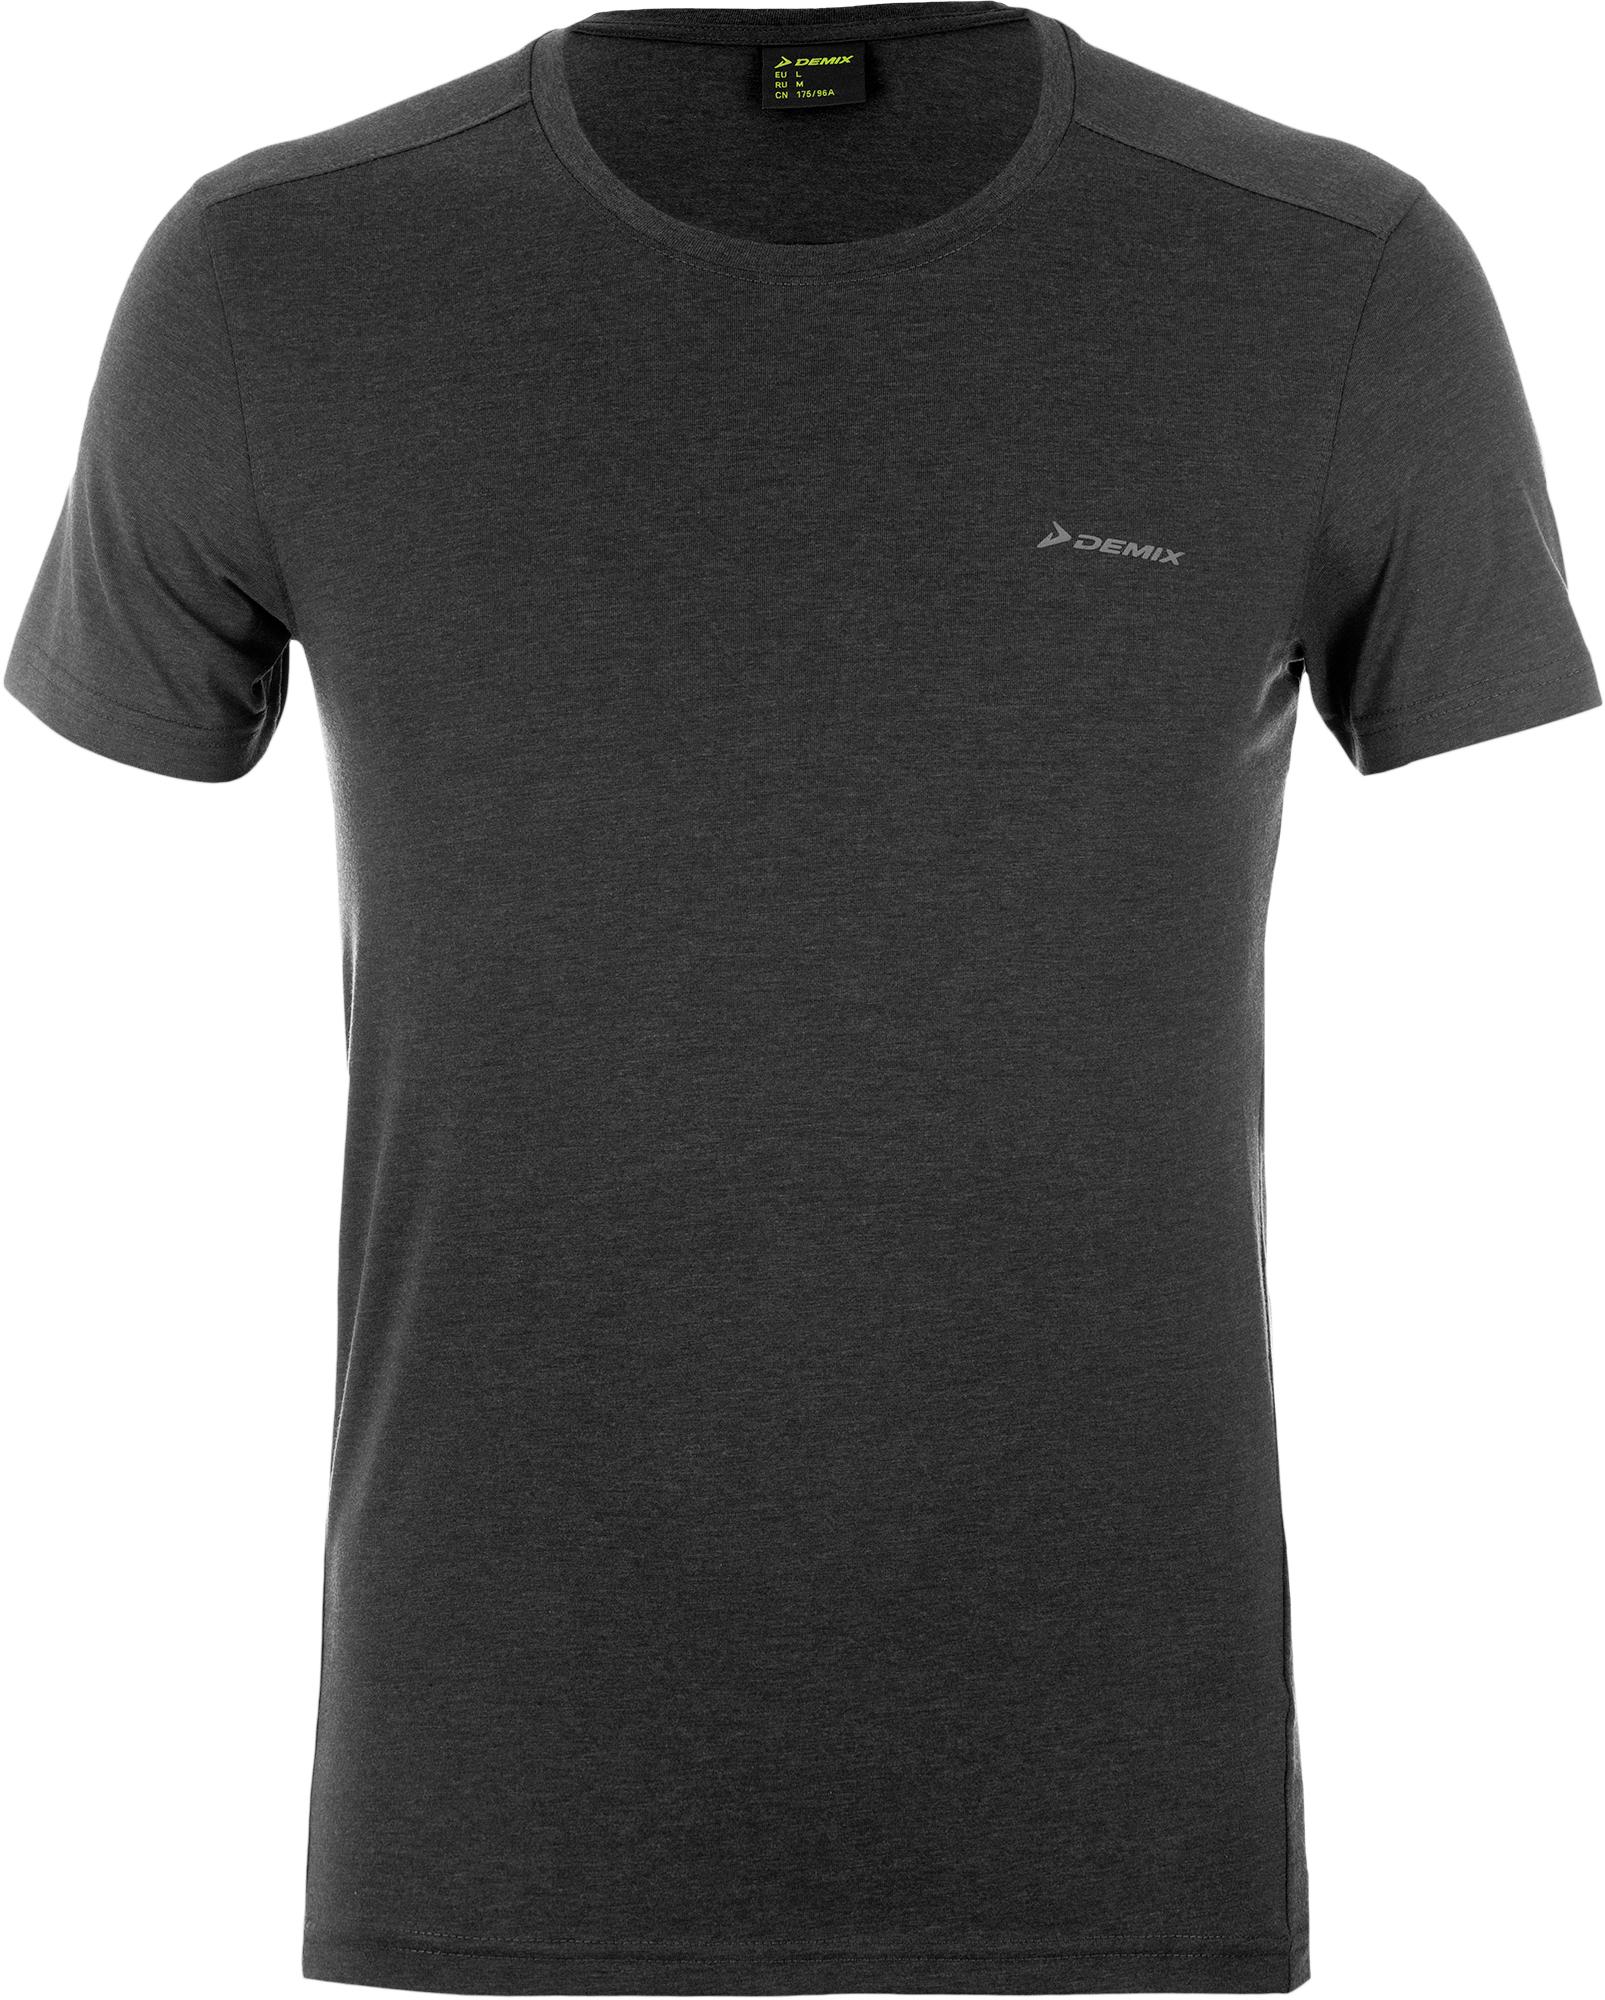 футболка мужская Demix Футболка мужская Demix